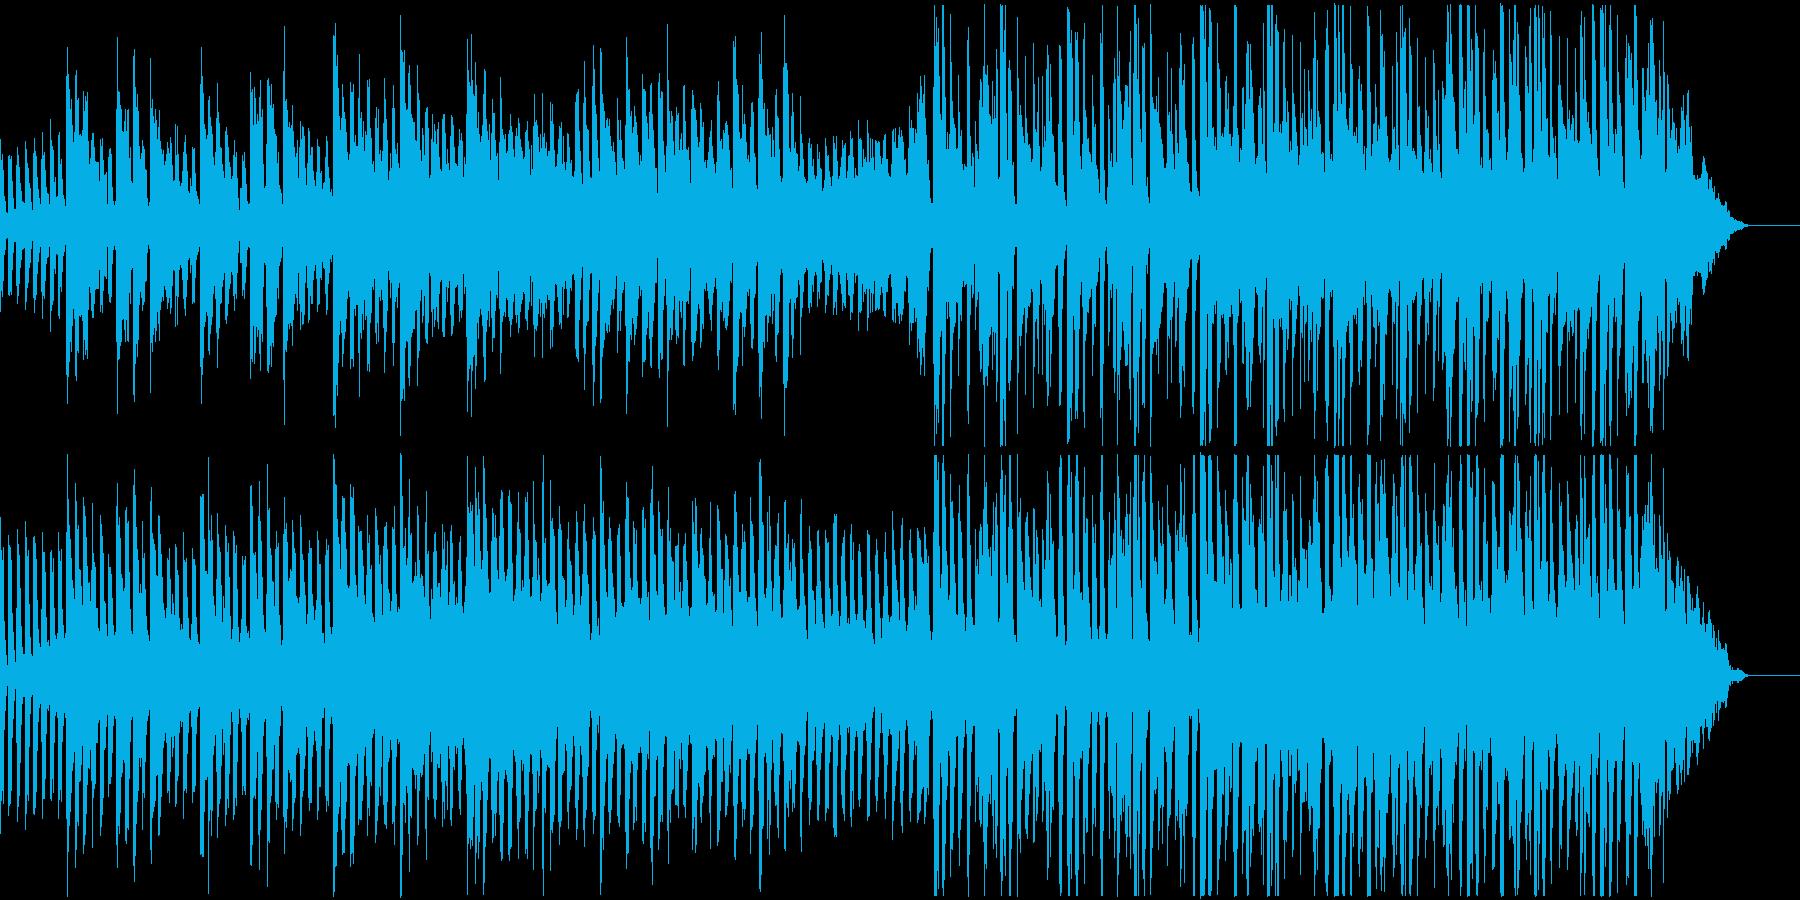 企業VP質実剛健で映像に寄り添うBGMの再生済みの波形